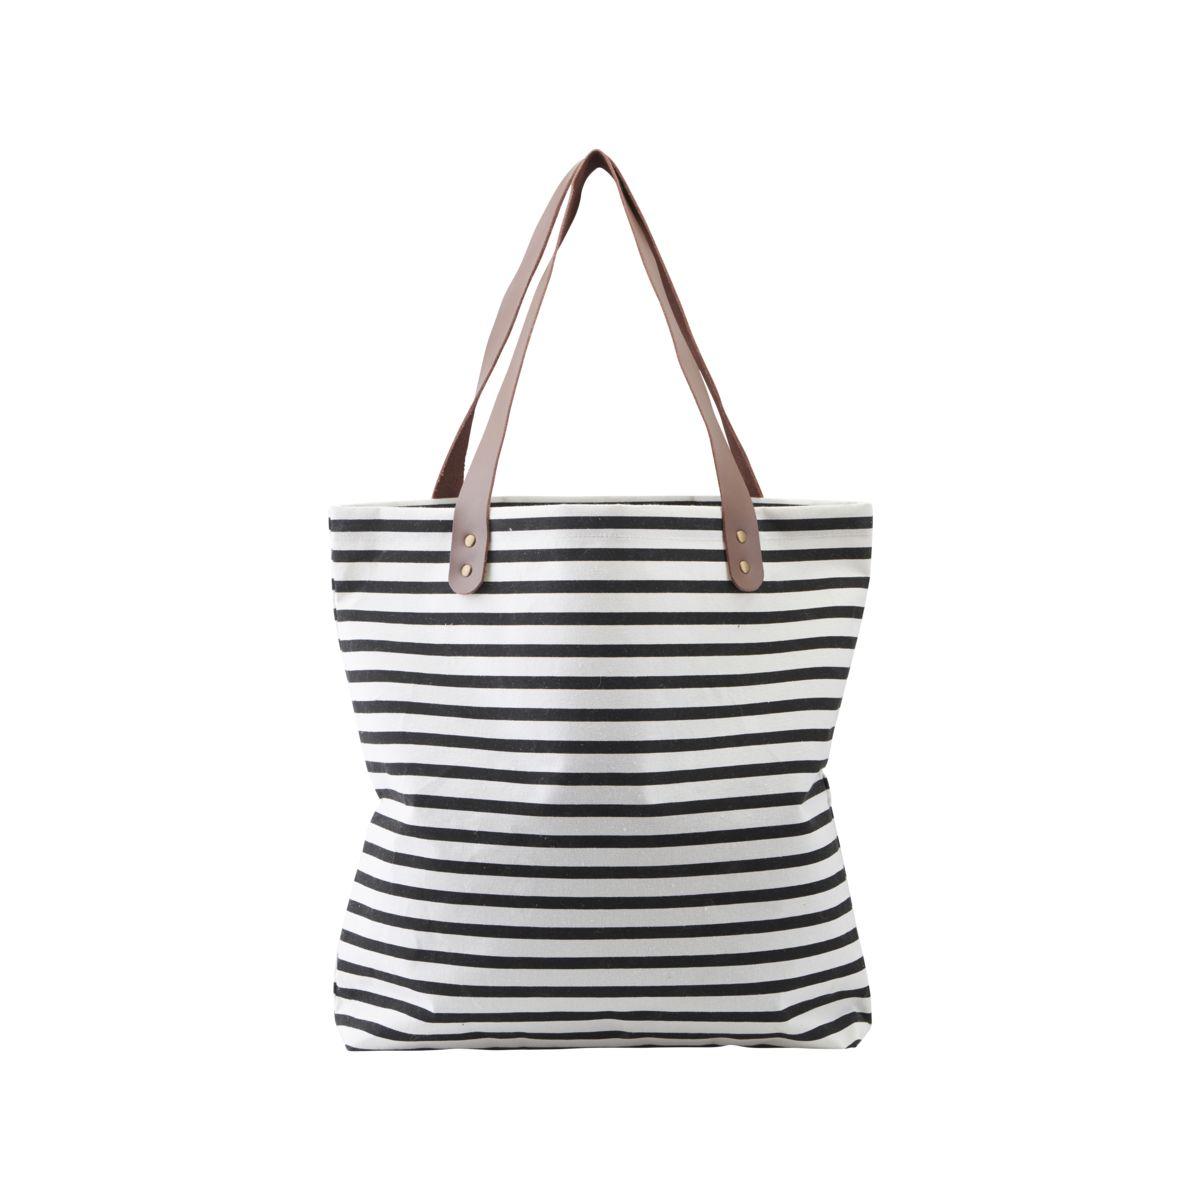 Nu kan du shoppe lækre, økologiske tasker hos Ecouture